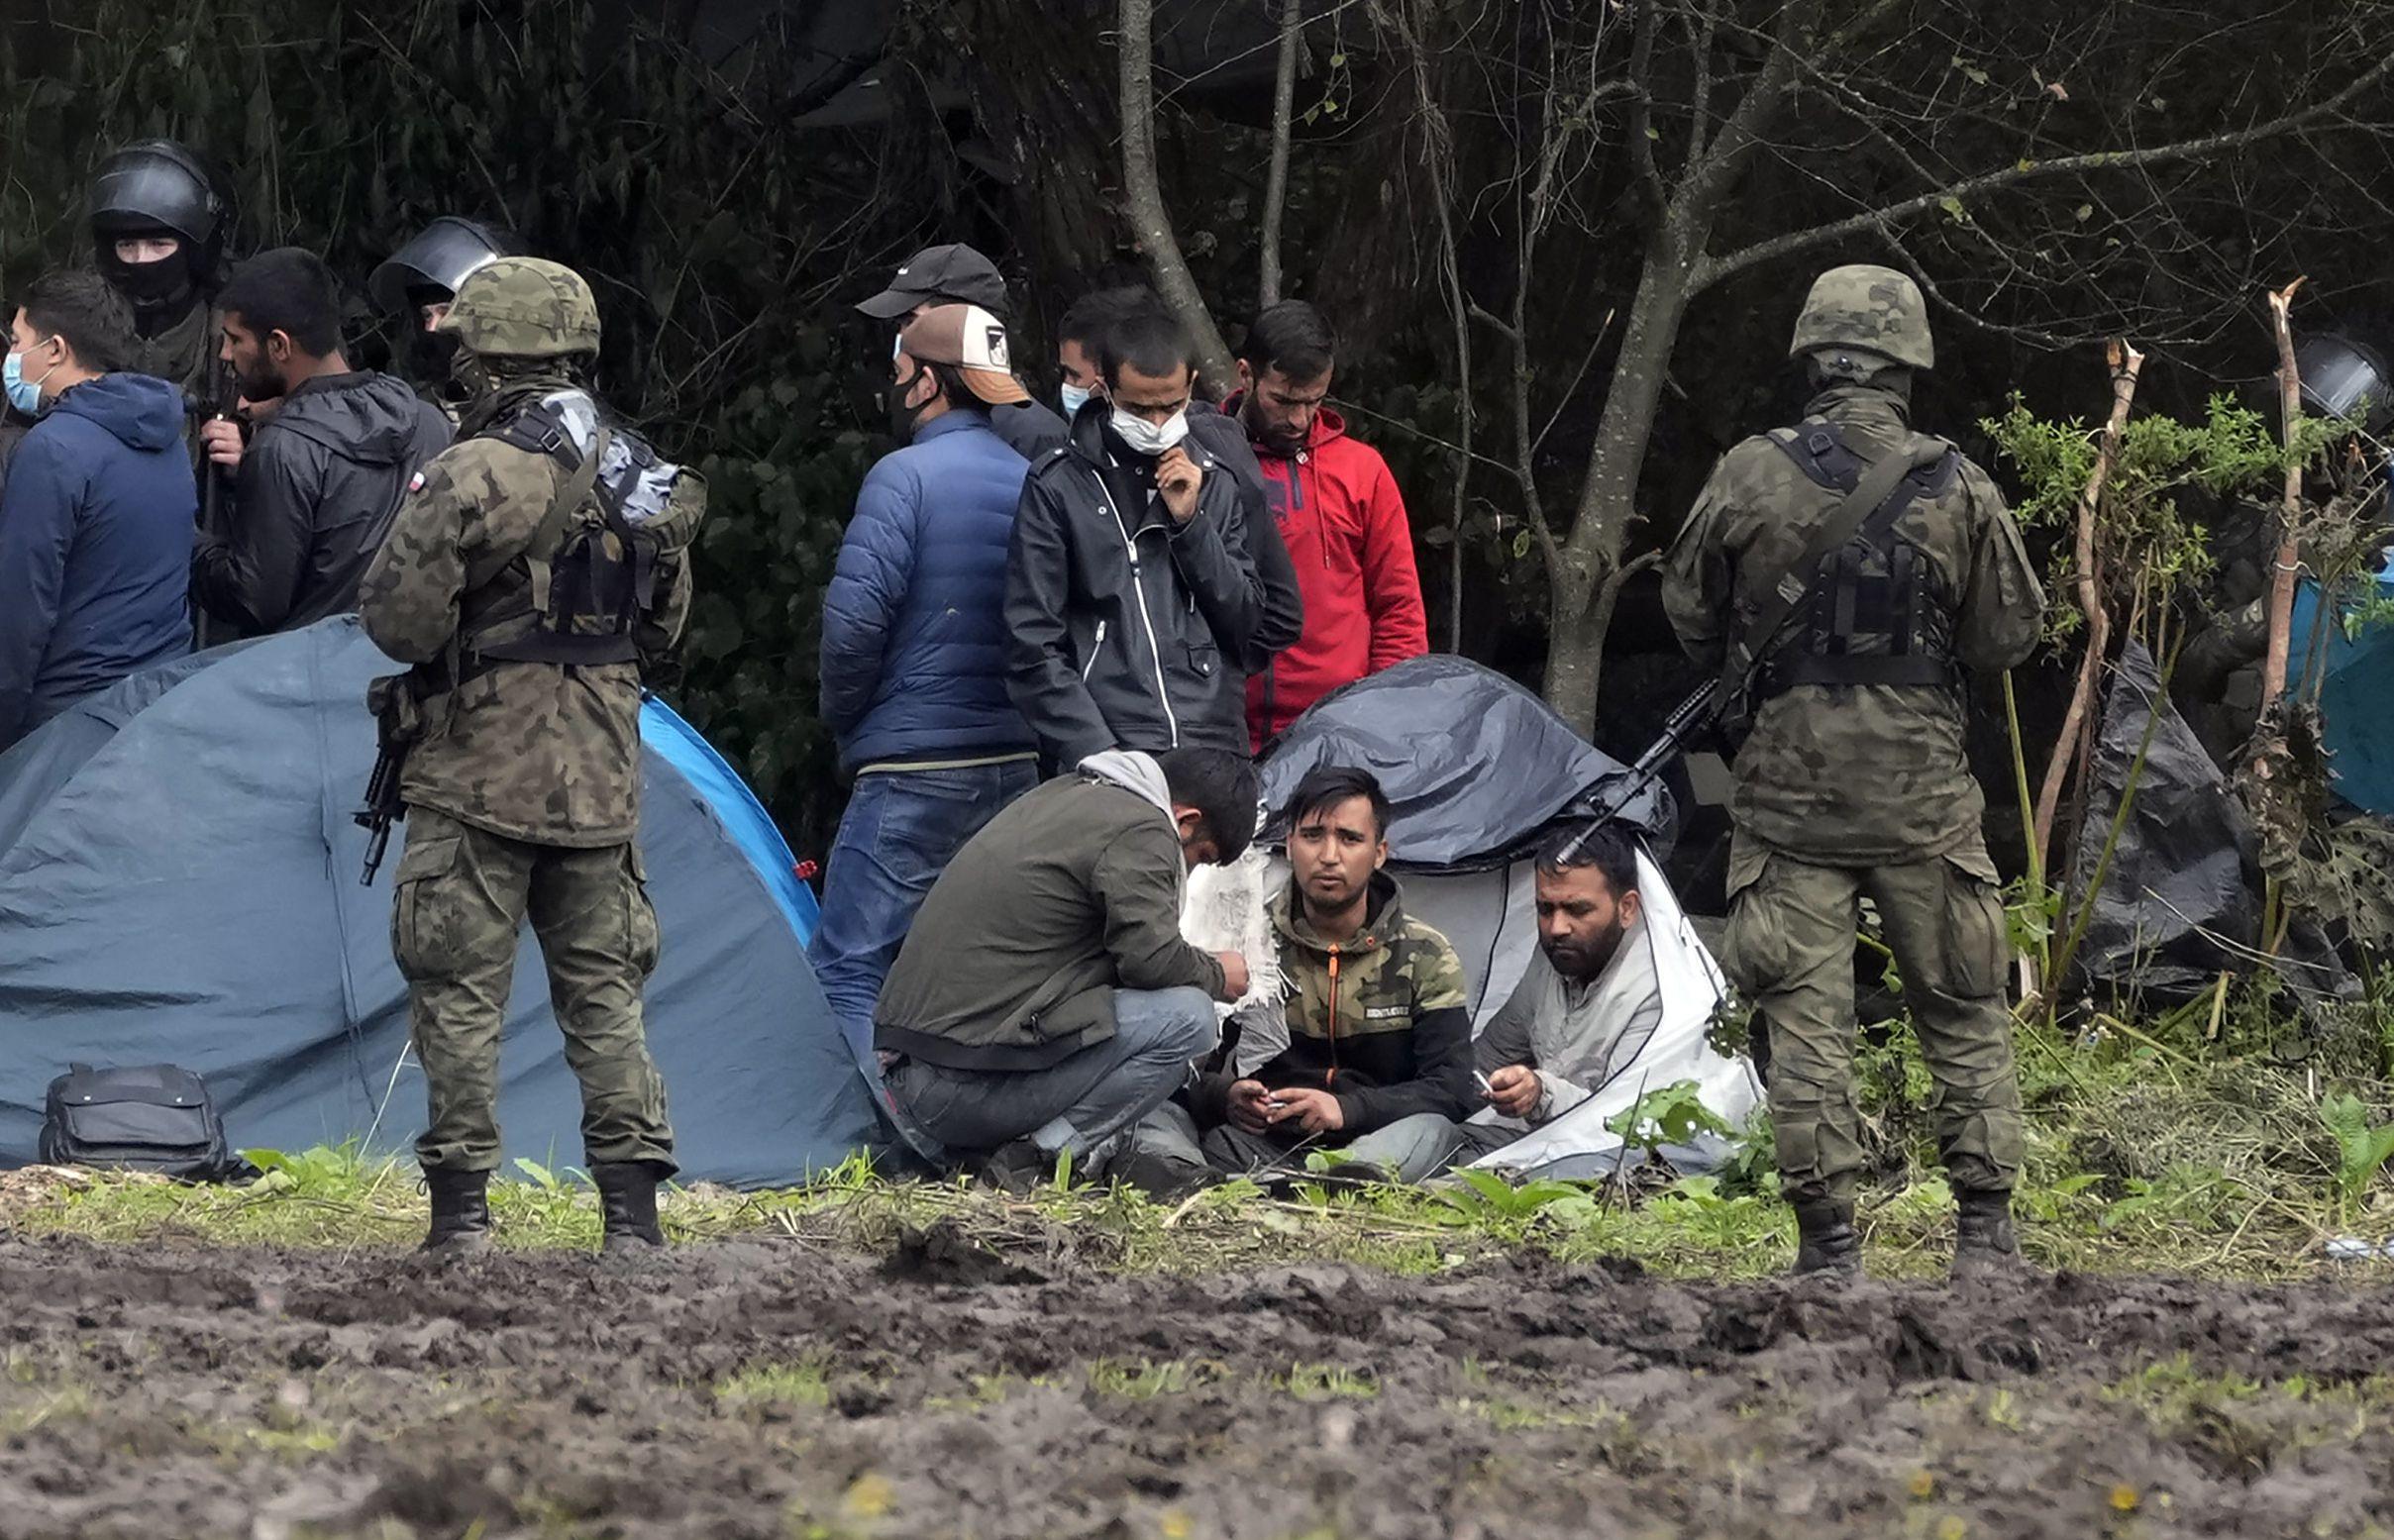 Réfugiés militarisés et attaques hybrides